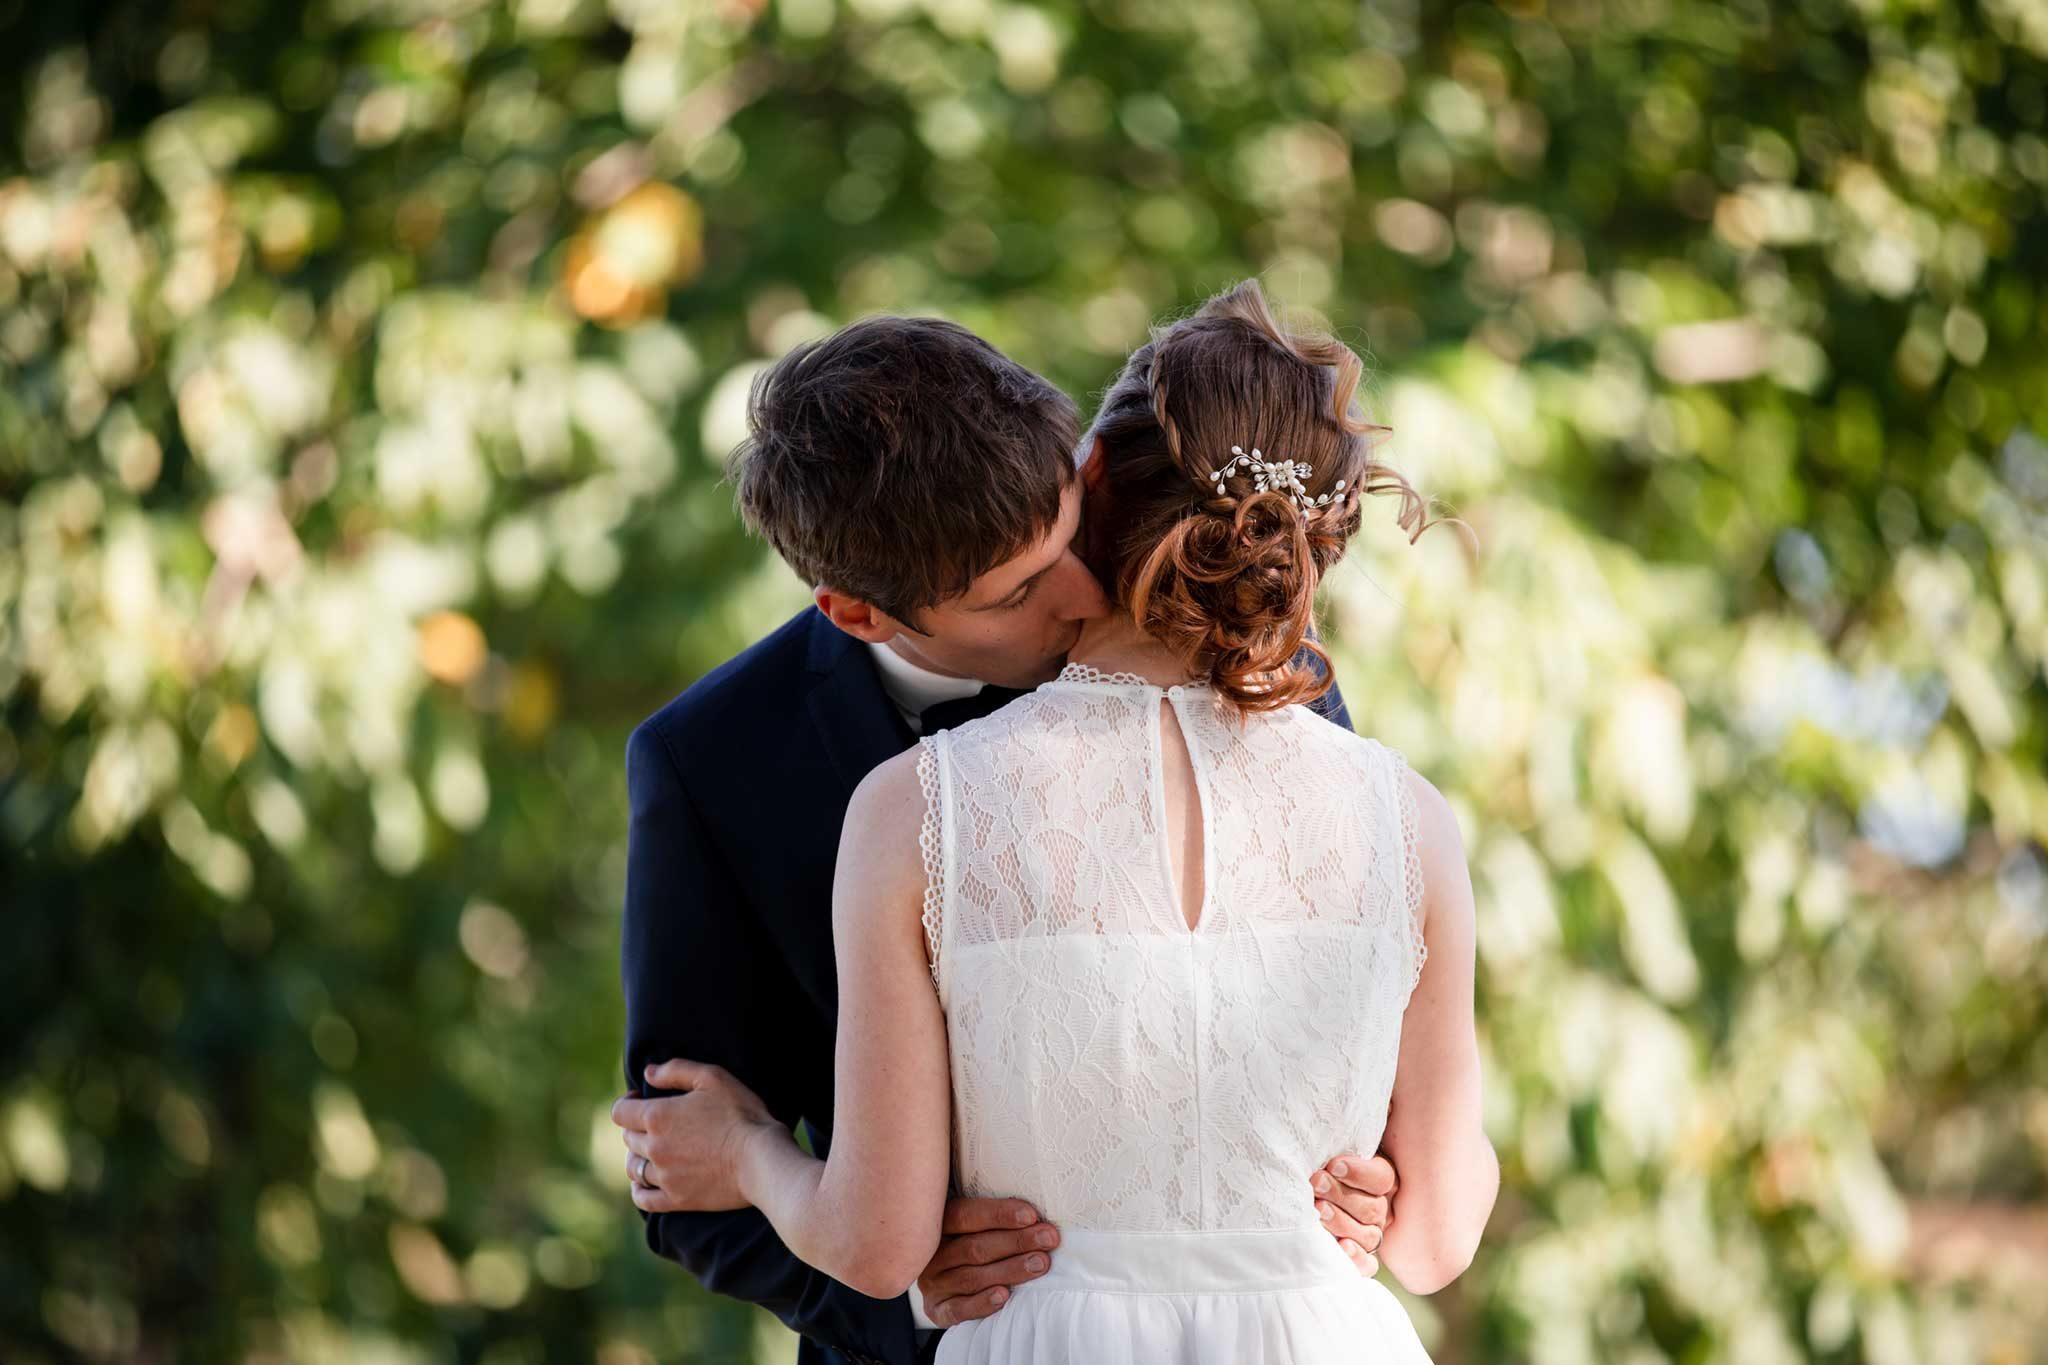 Das Brautpaar steht an einem schattigen Platz auf dem Landgut Lingental. Zweisamkeit pur, einfach eine kurze, romantische Auszeit bevor die Feier weitergeht. . Echte Hochzeit in Wiesloch, Brautpaar Fotos im Grünen am Gänsberg, Wiesloch. Bräutigam küsst Braut auf den Hals.